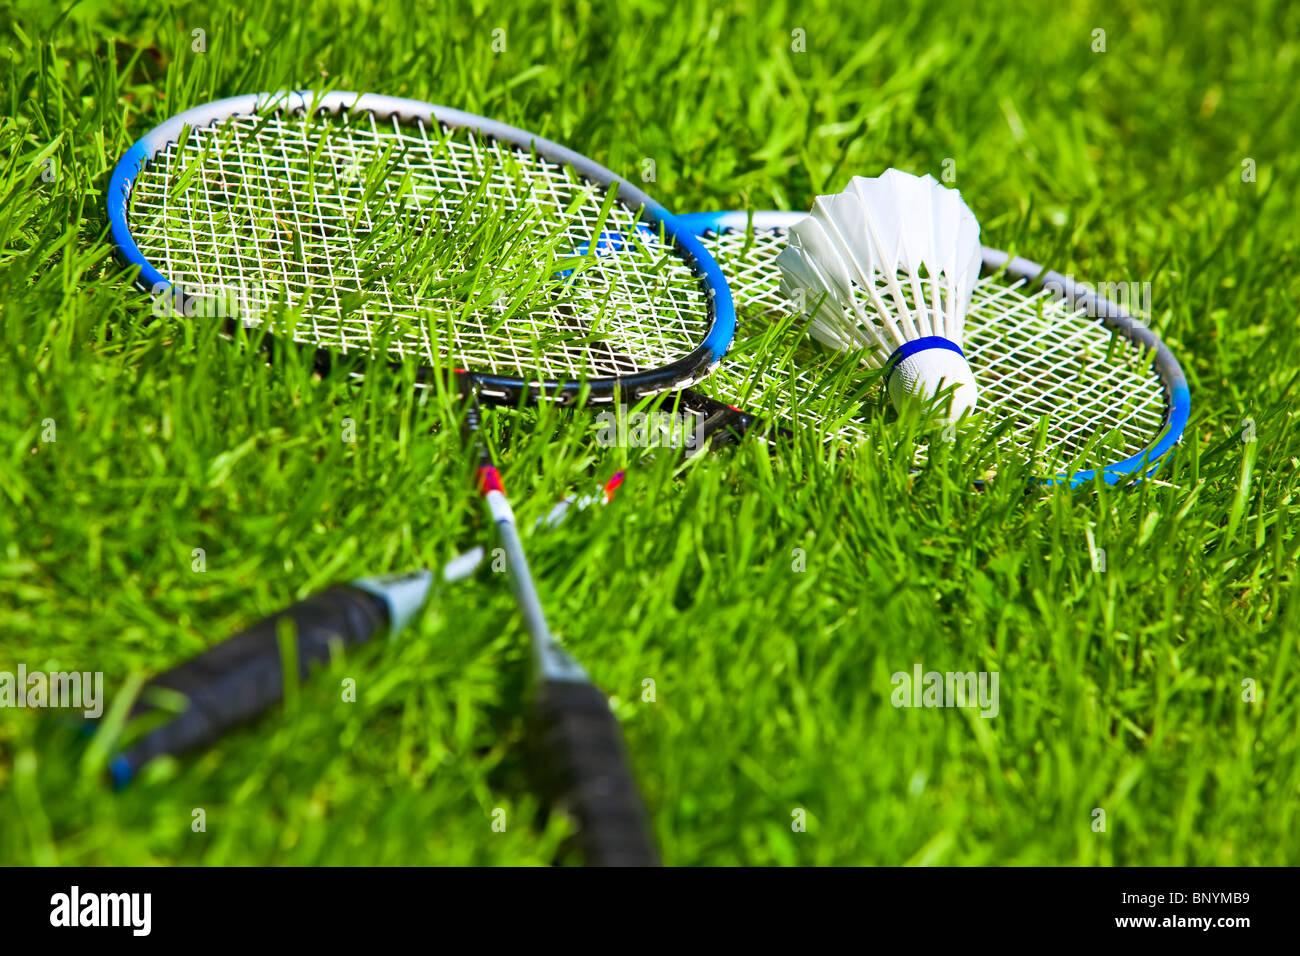 Raquettes de badminton sur l'herbe verte. Photo Stock